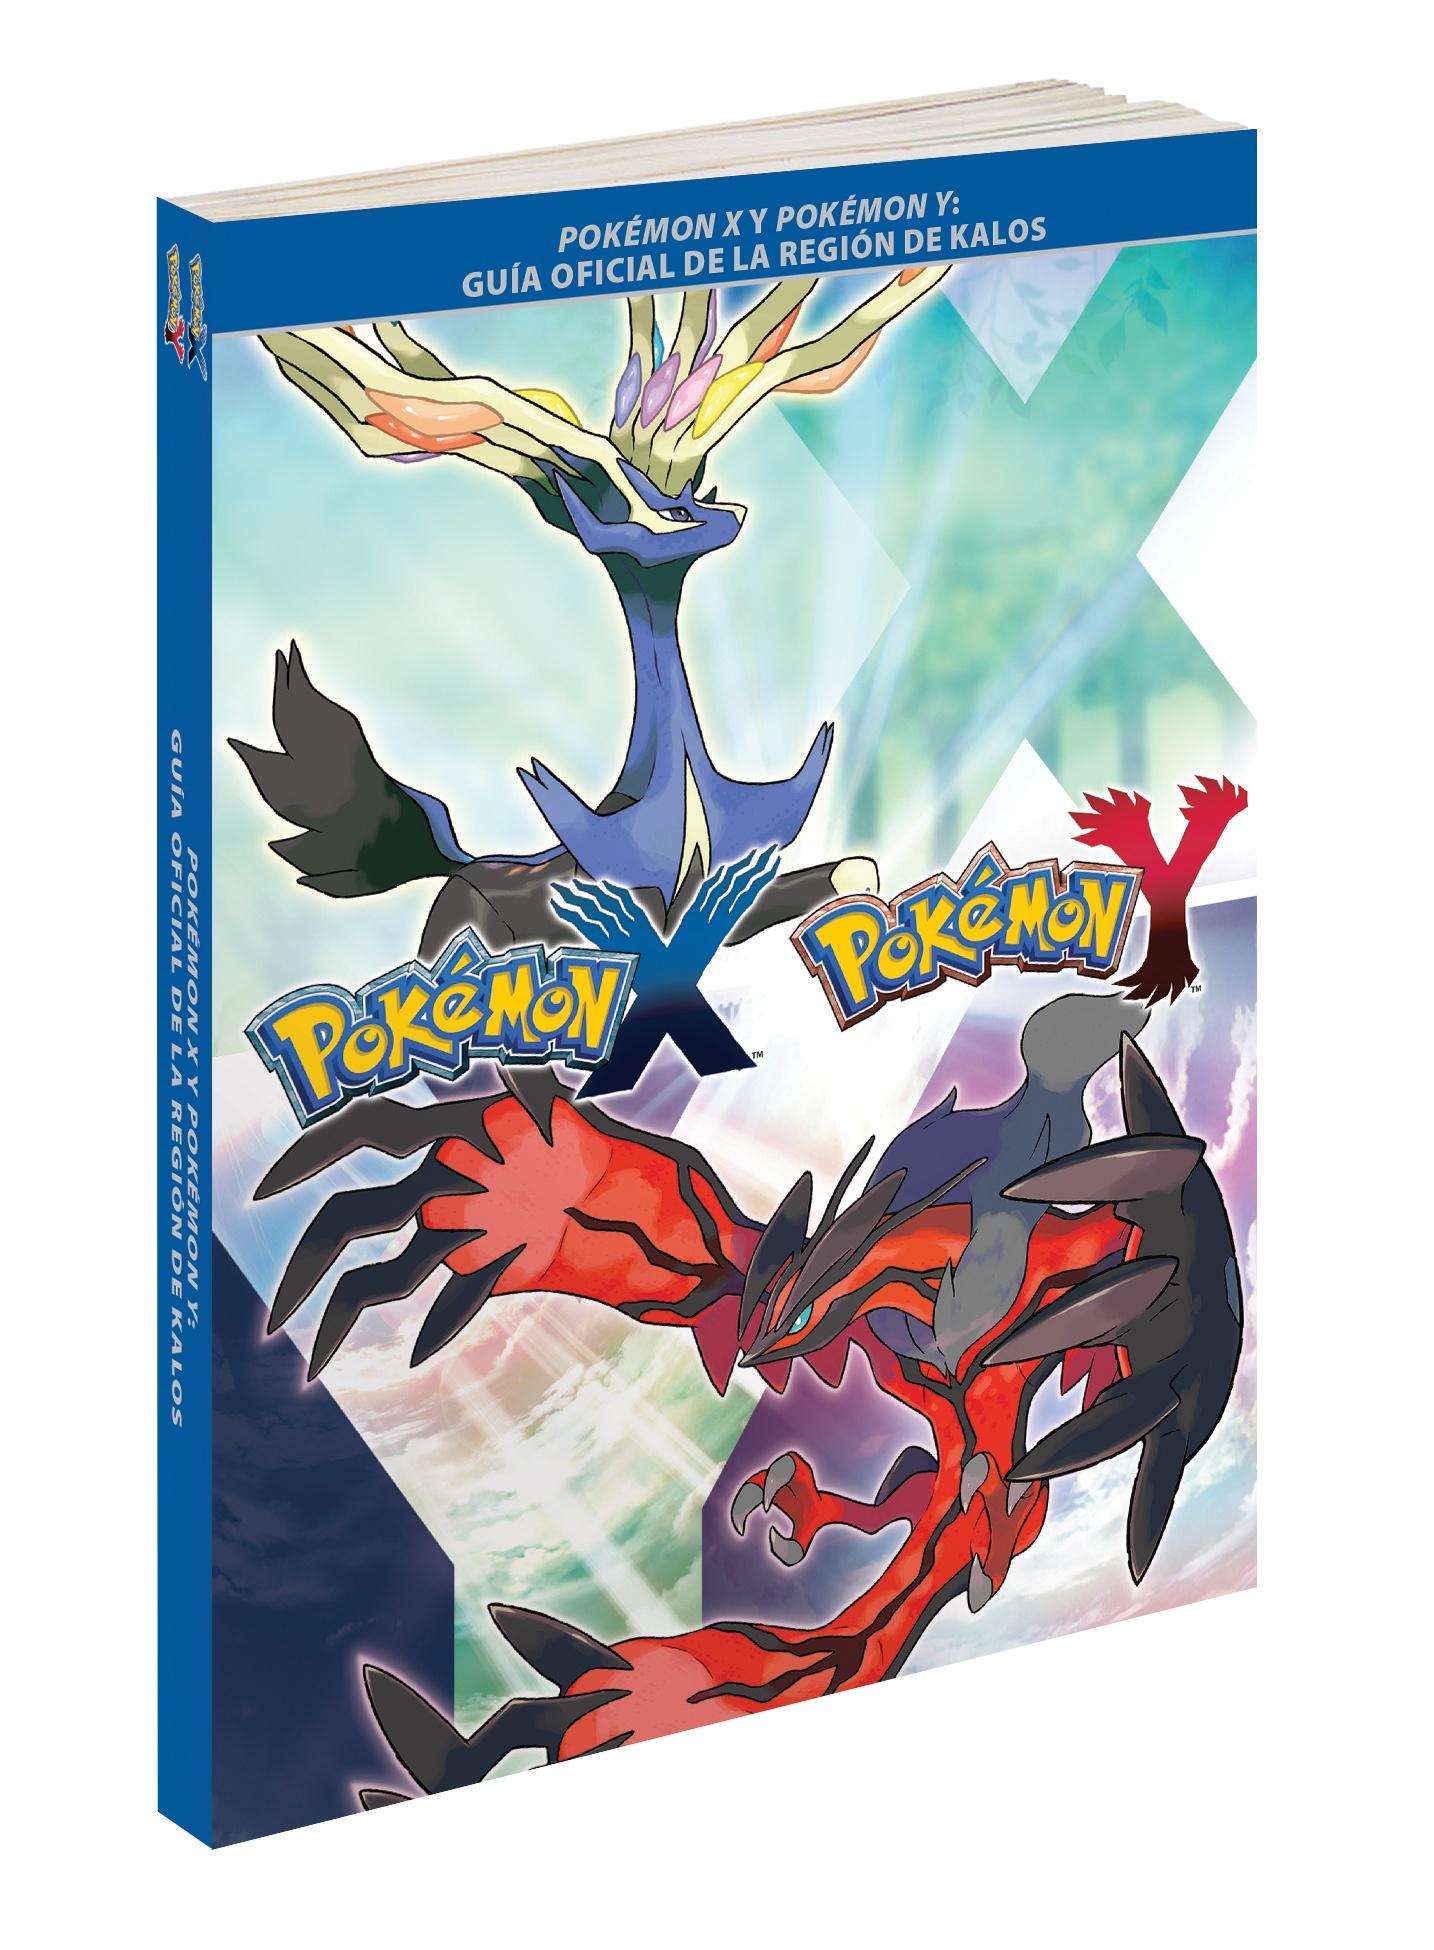 Pokémon X y Pokémon Y Guía oficial_carátula